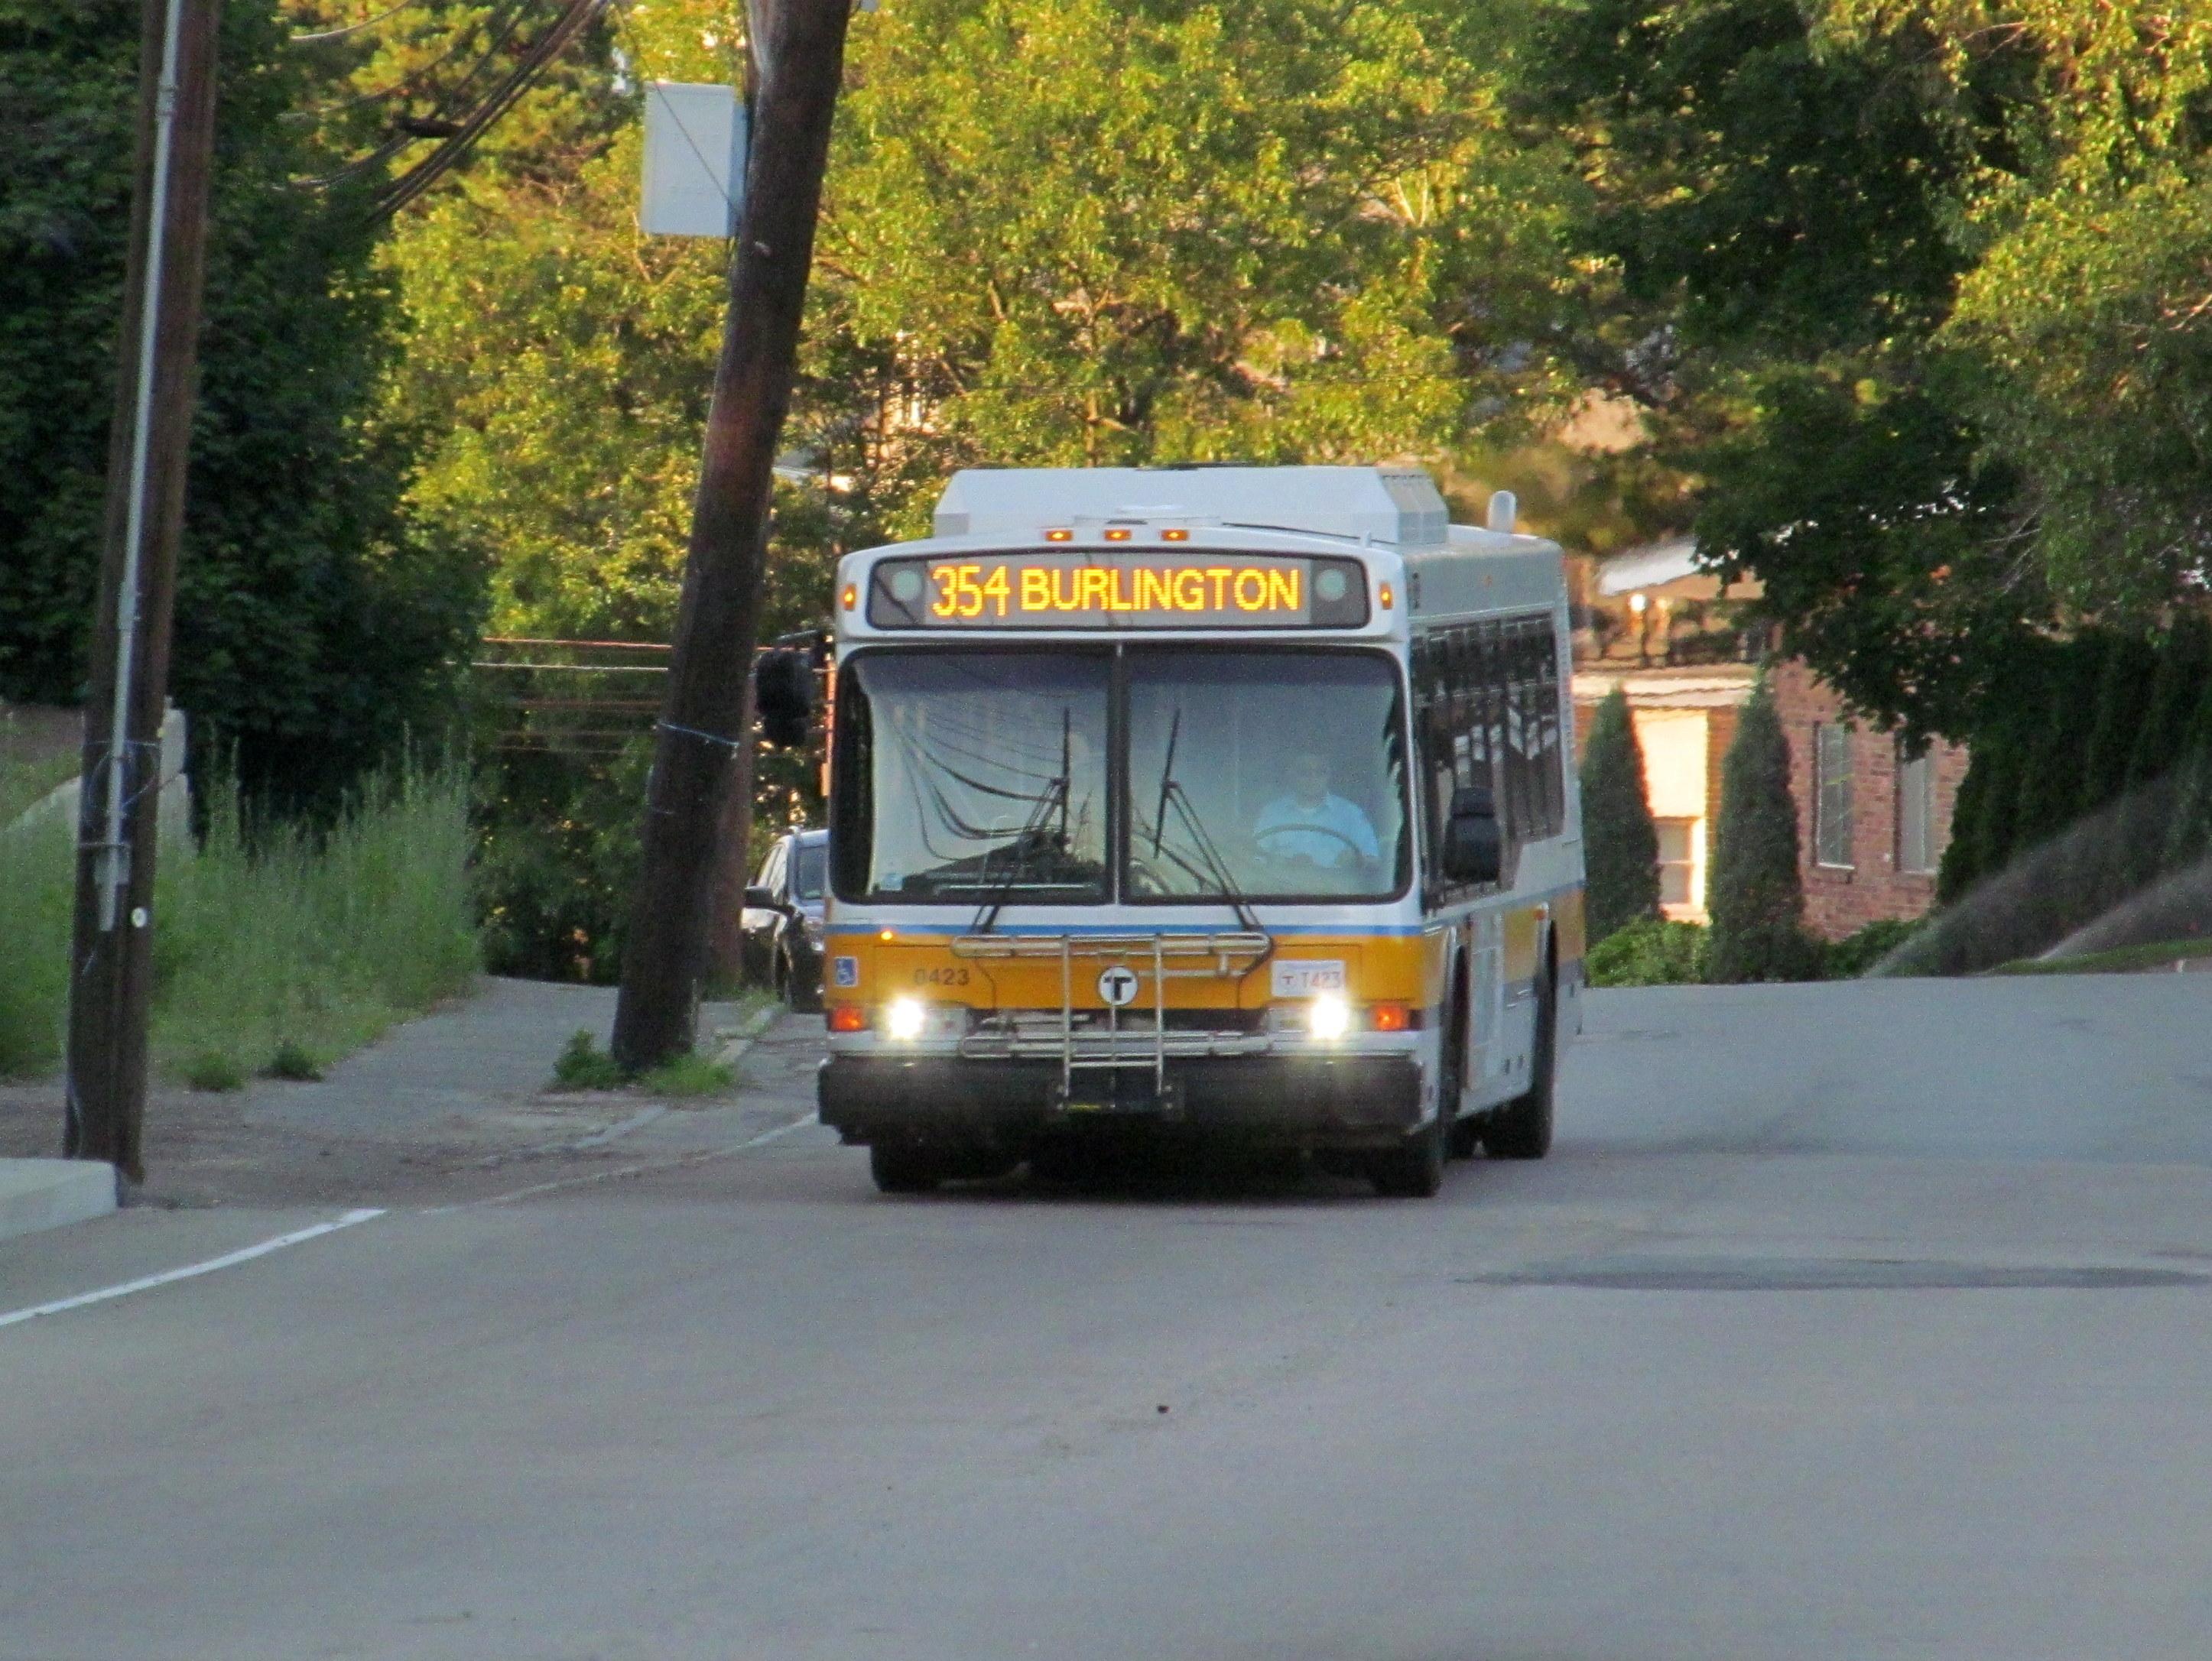 File Mbta Route 354 Bus On Salem Street June 2015 Jpg